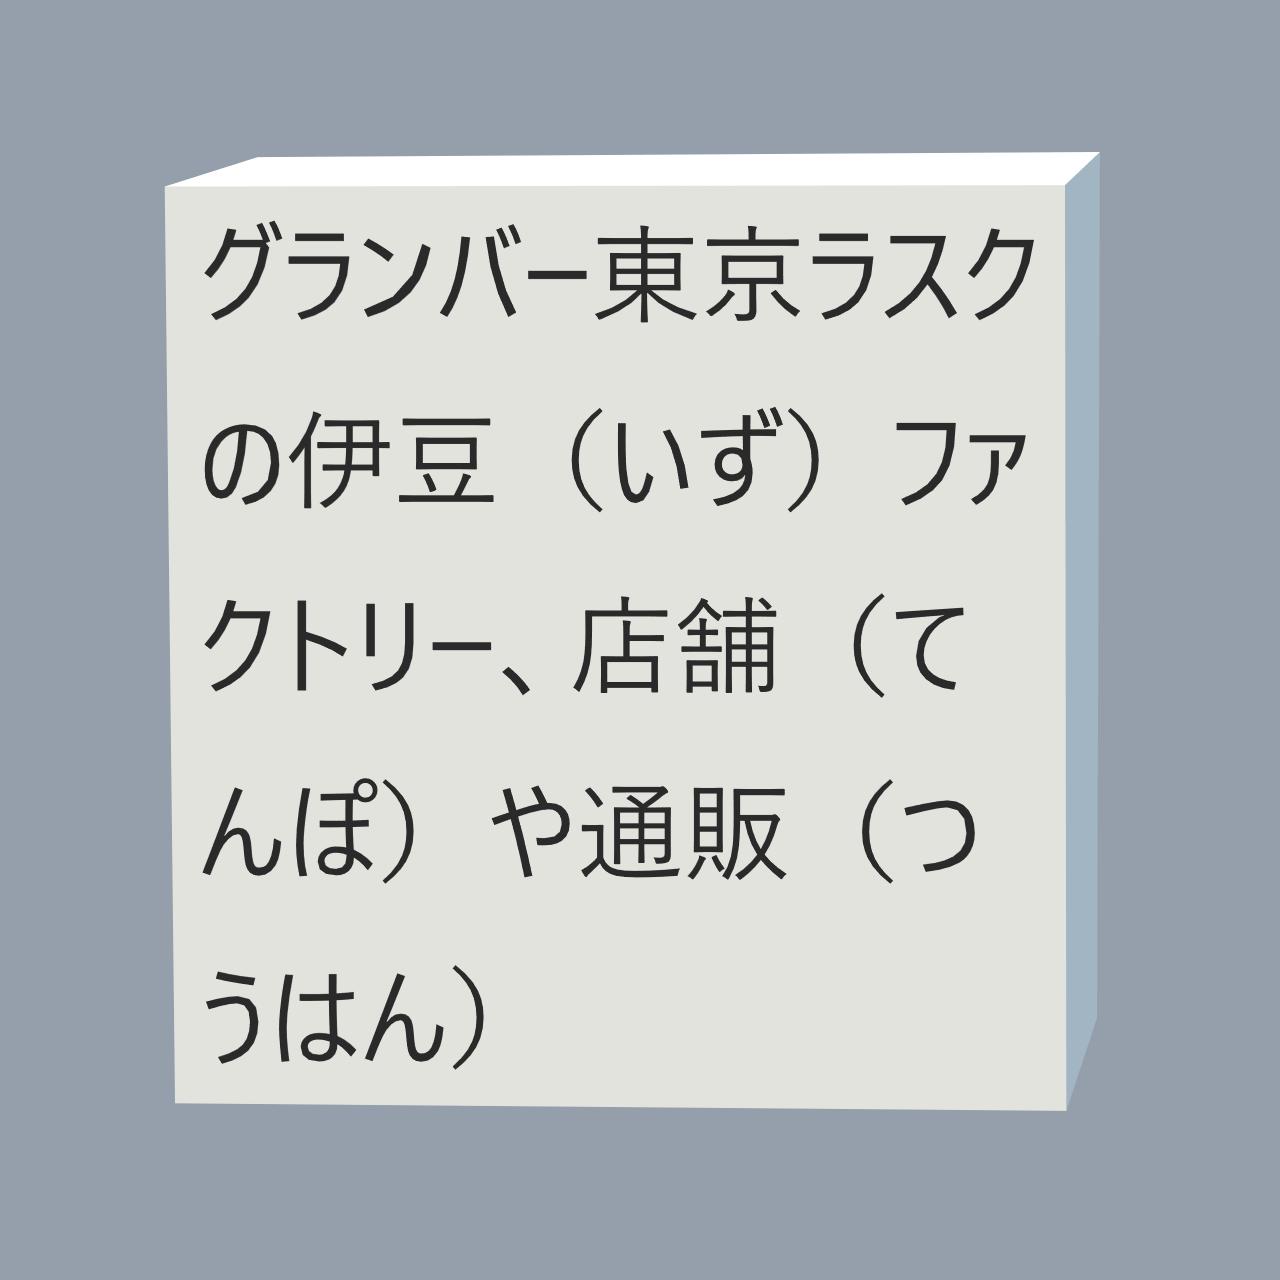 東京ラスクの伊豆(いず)ファクトリーや店舗(てんぽ)、グランバー東京ラスクや通販(つうはん)、工場や東京駅(とうきょうえき)、口コミや詰(つ)め合わせ、町屋(まちや)や値段(ねだん)、柏(かしわ)やチョコレートおやつとは?にかかる画像(がぞう)